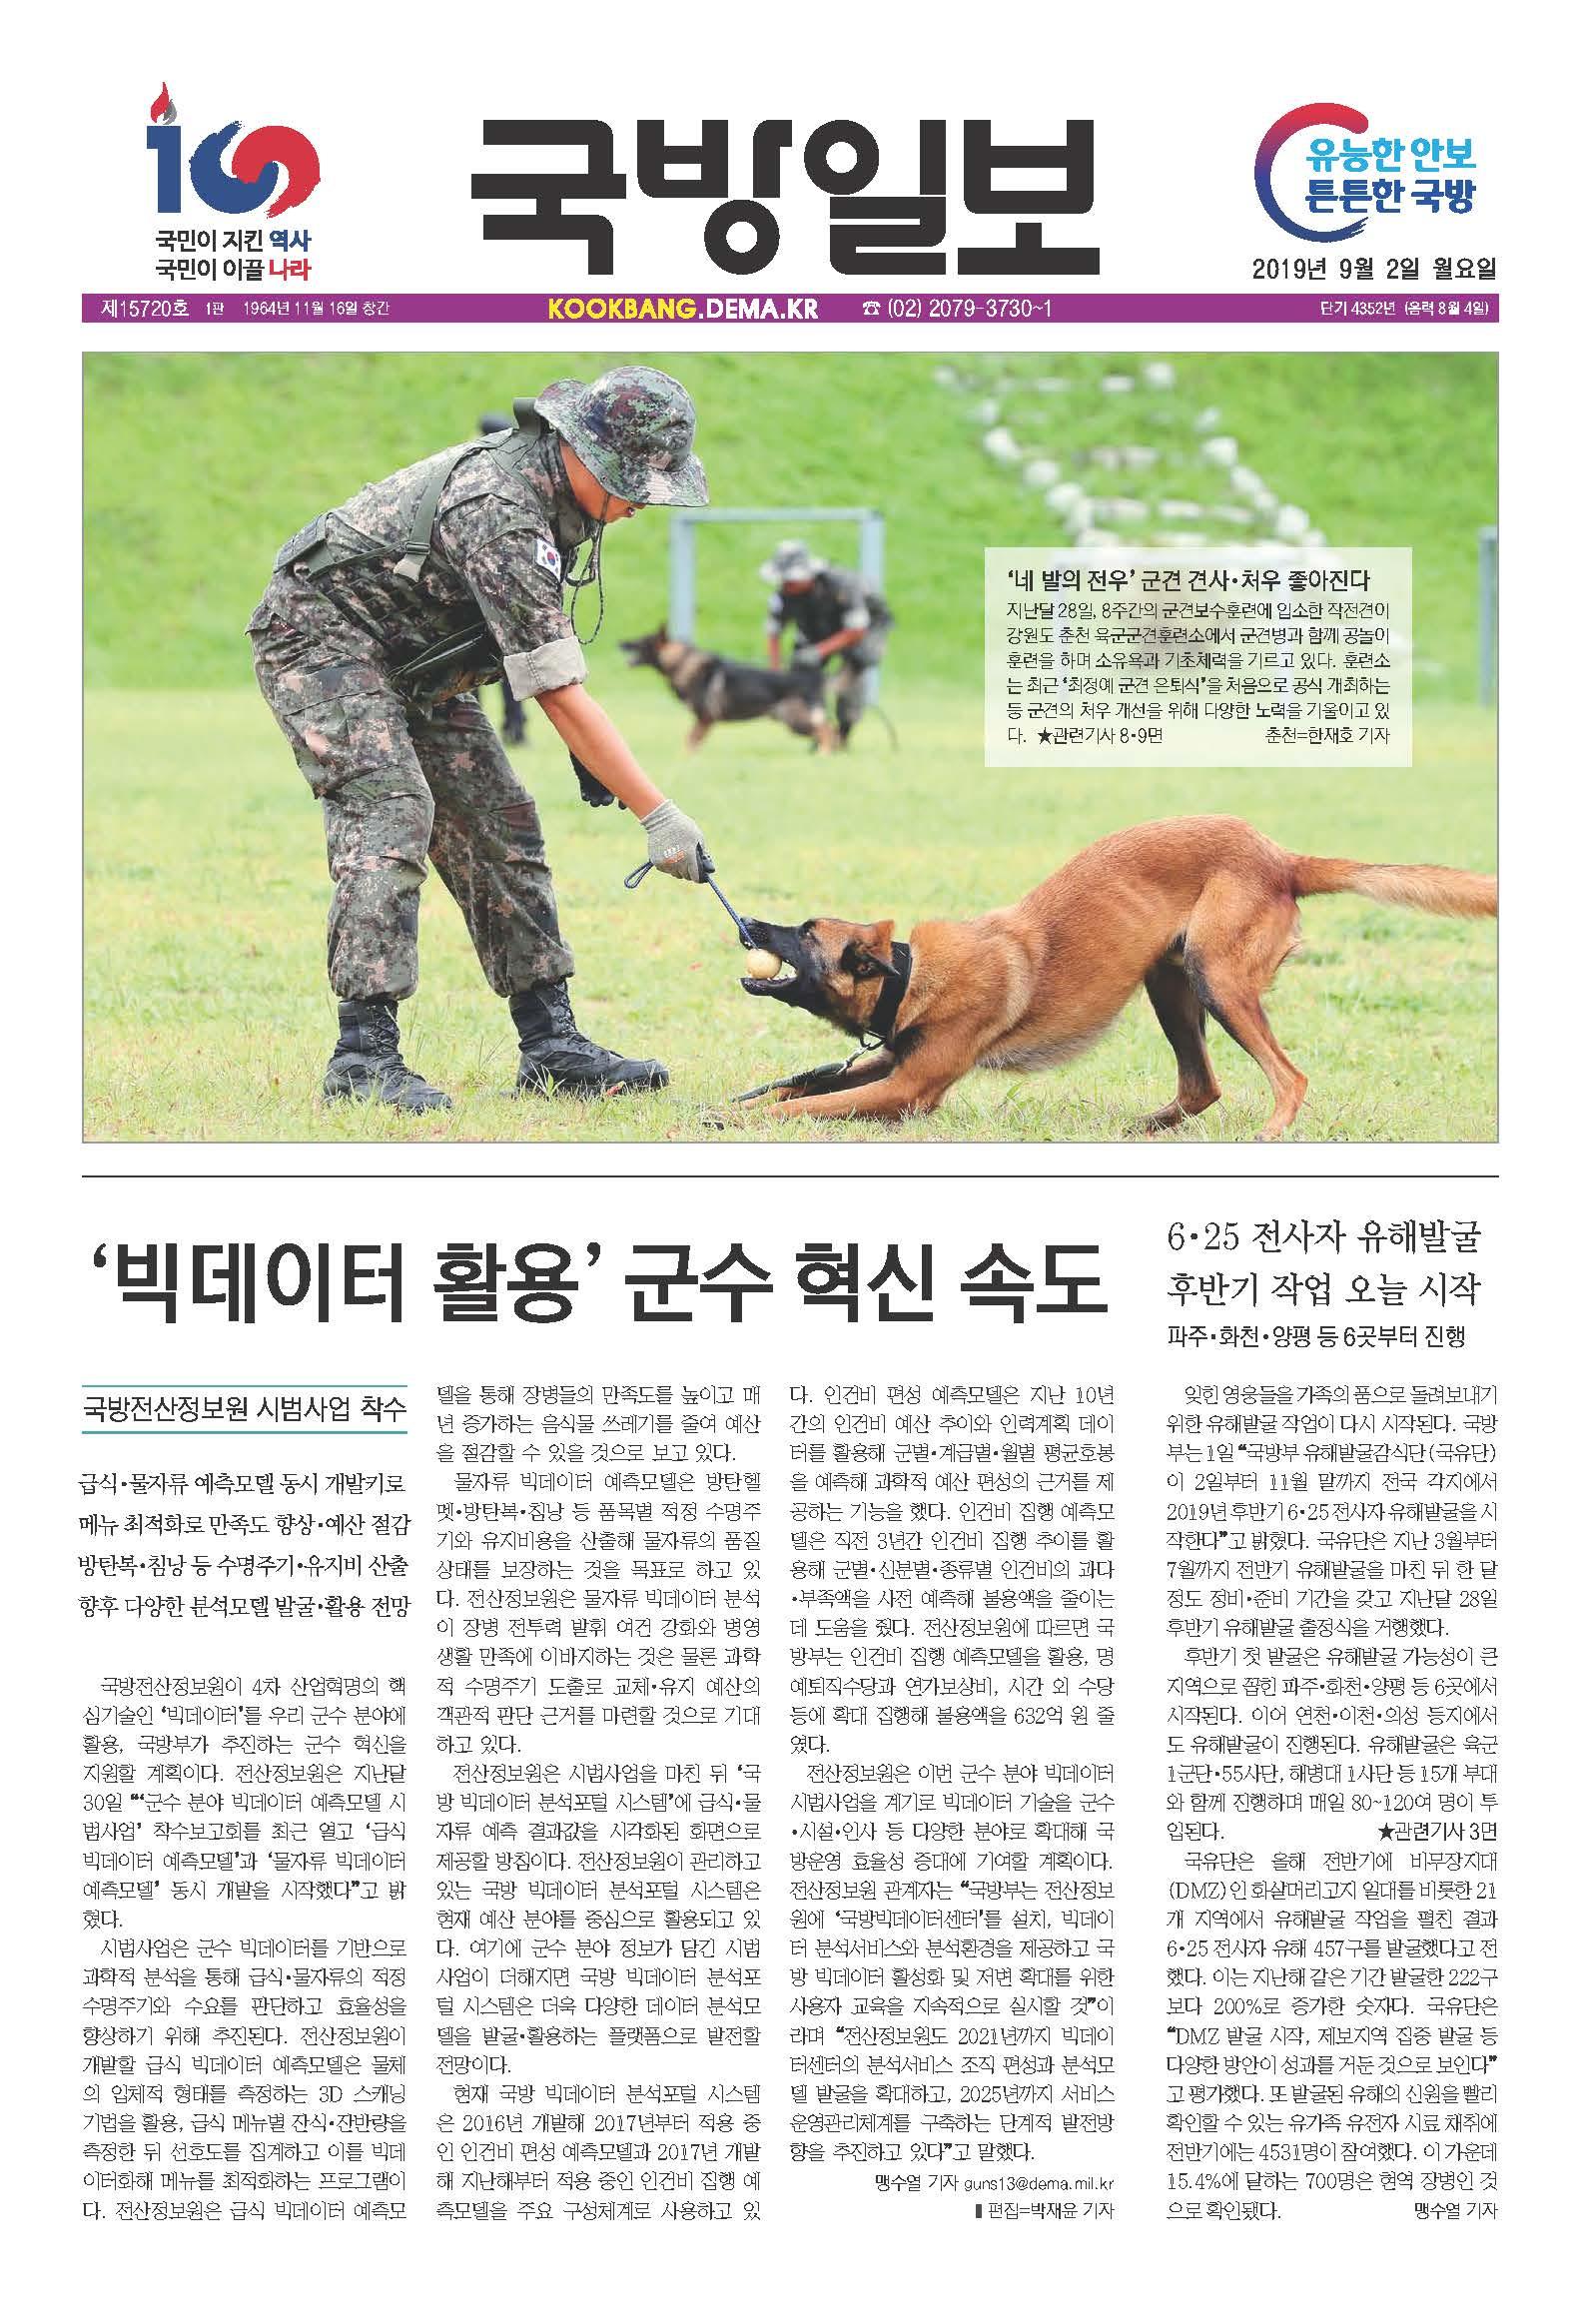 국방일보 2019년 9월호